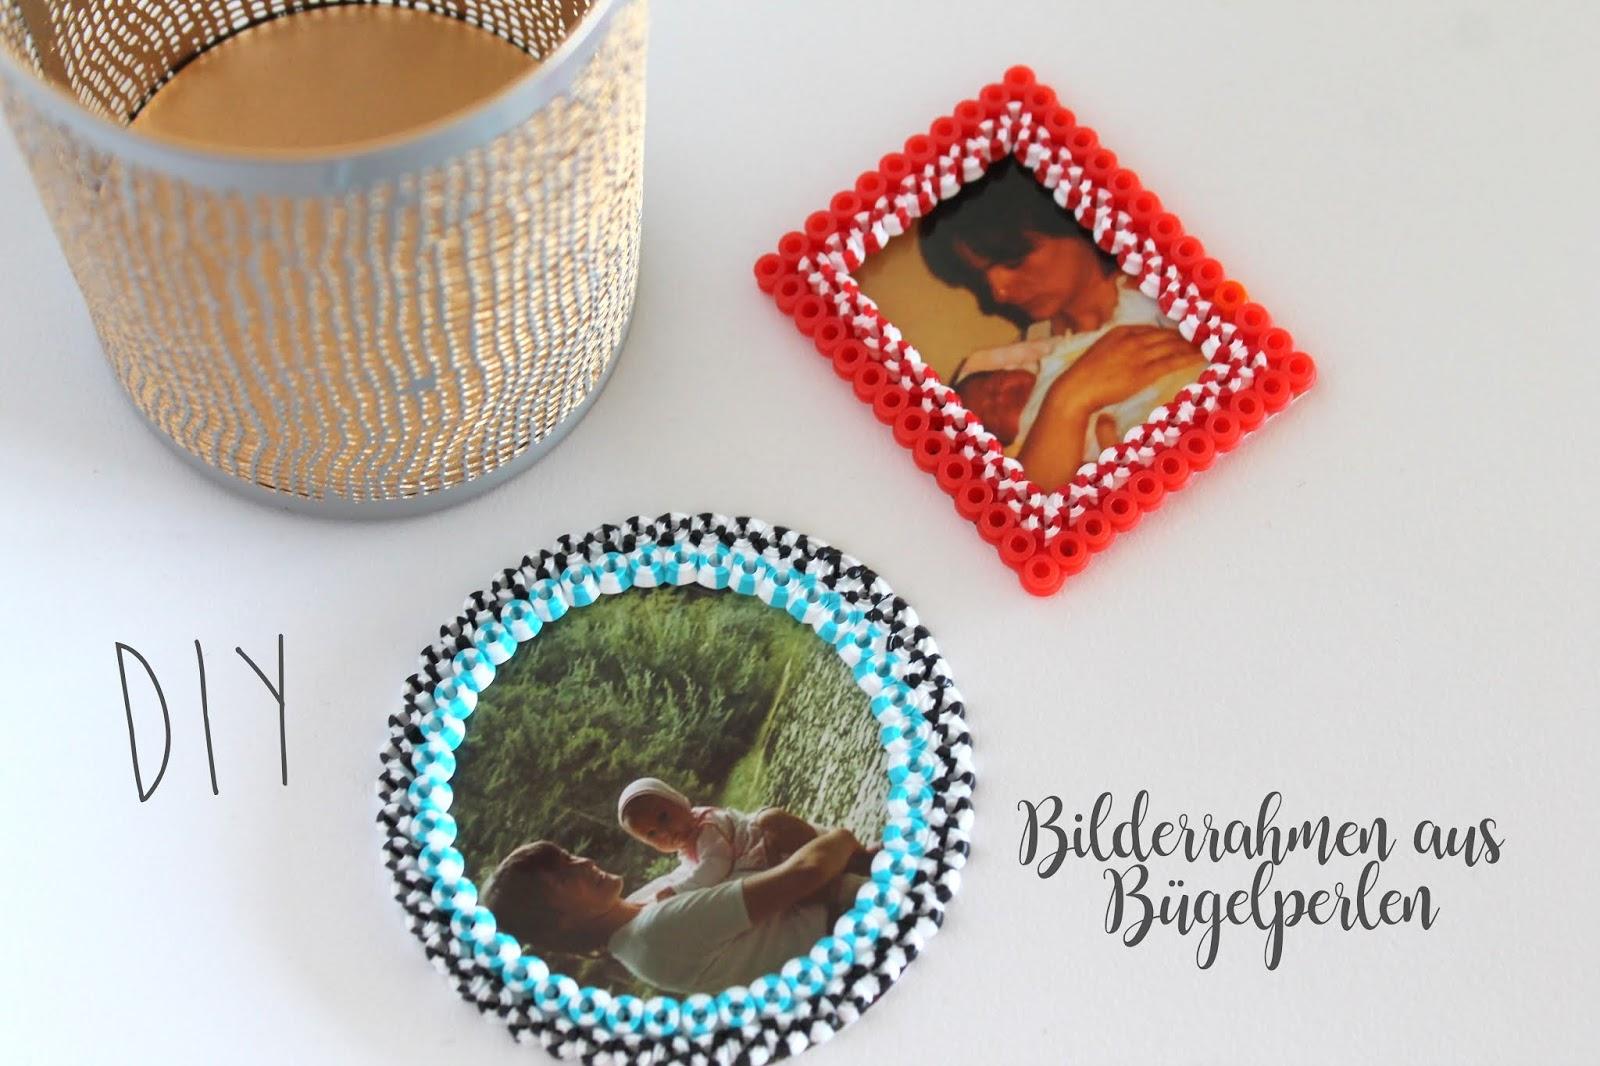 Kleines Freudenhaus Diy Bilderrahmen Aus Bugelperlen